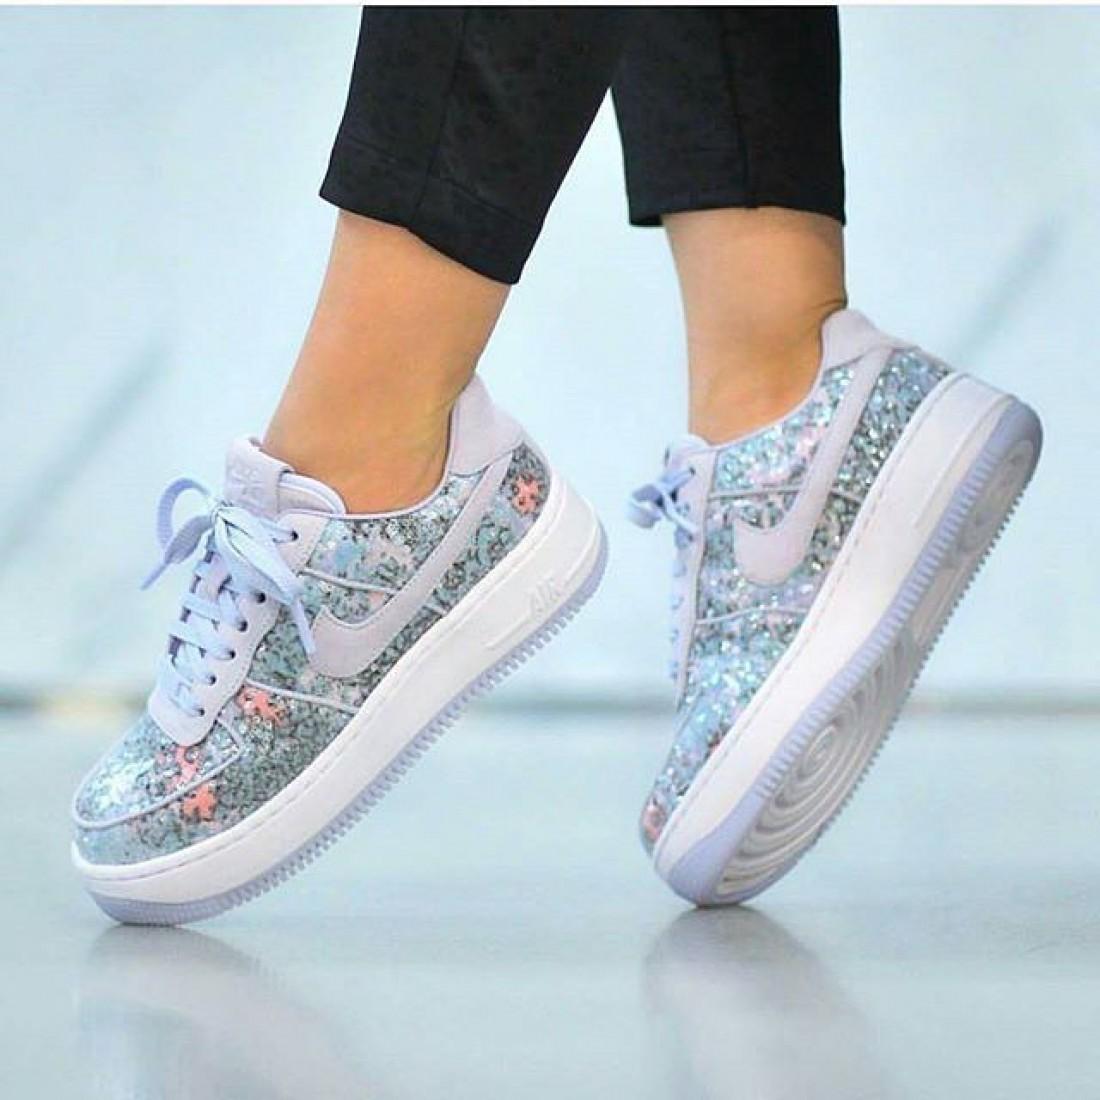 Современный стеклянный башмачок: Nike выпустил кроссовки в честь Золушки Glass Slipper